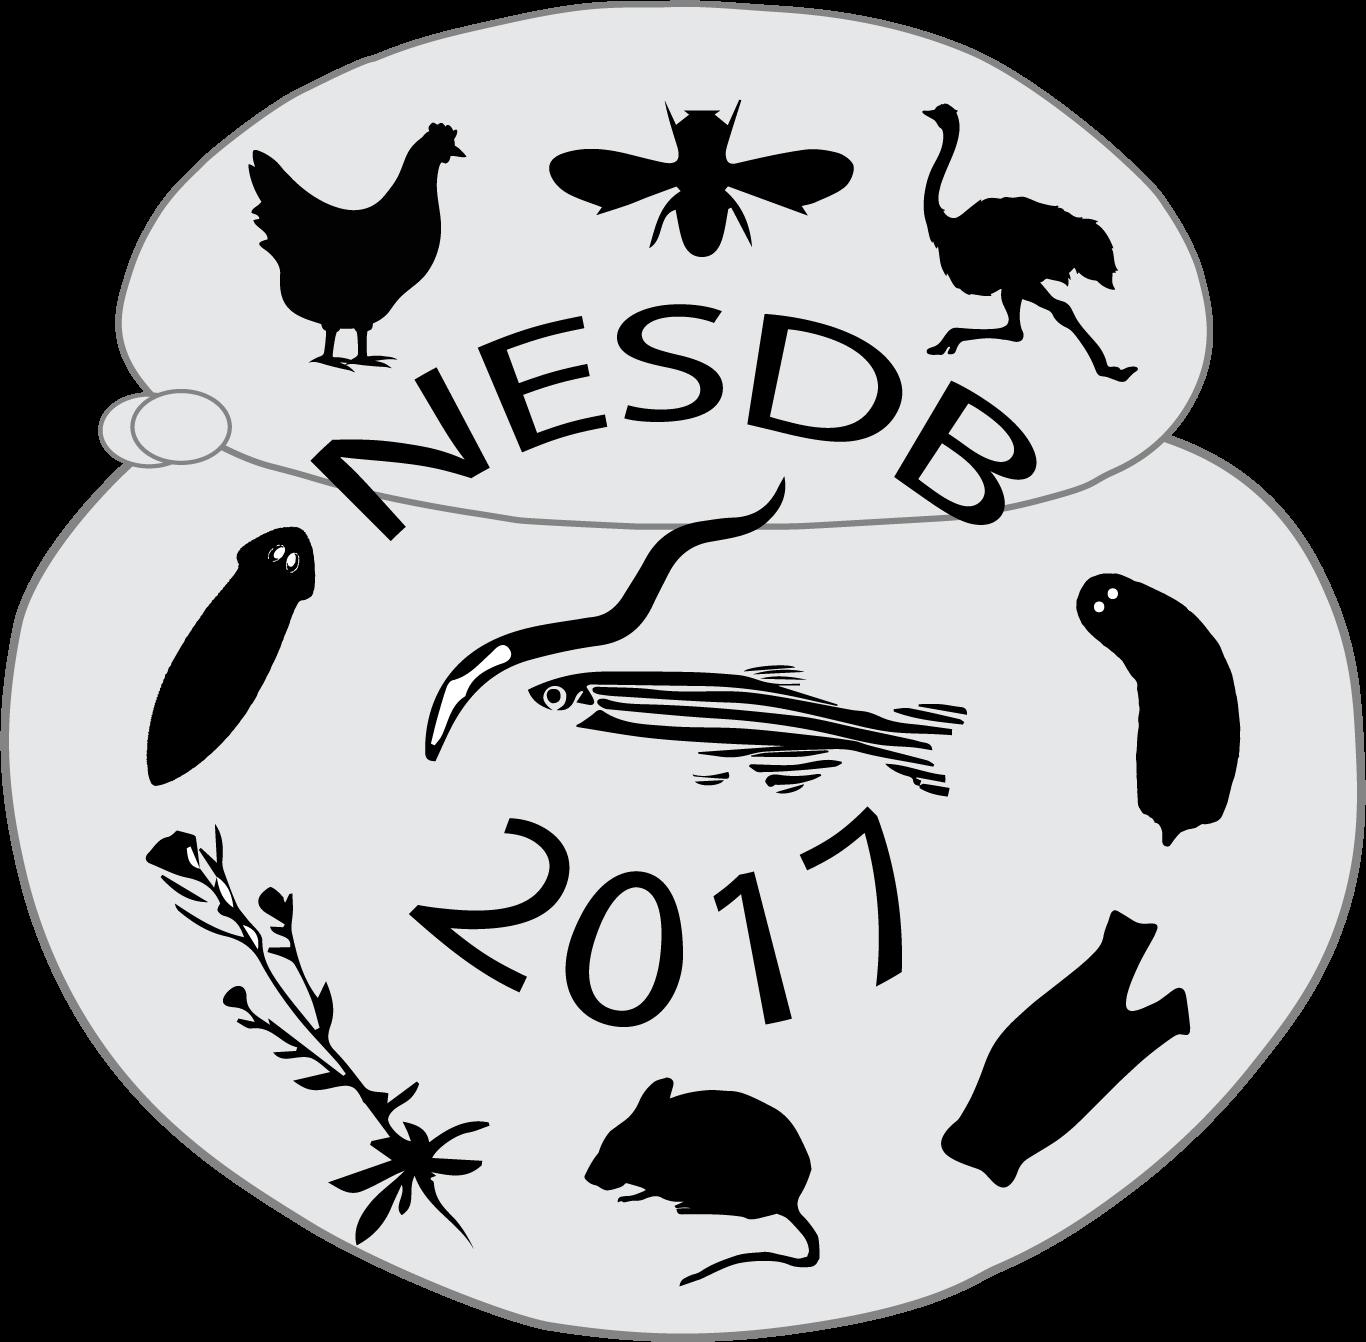 NESDB 2017 Logo